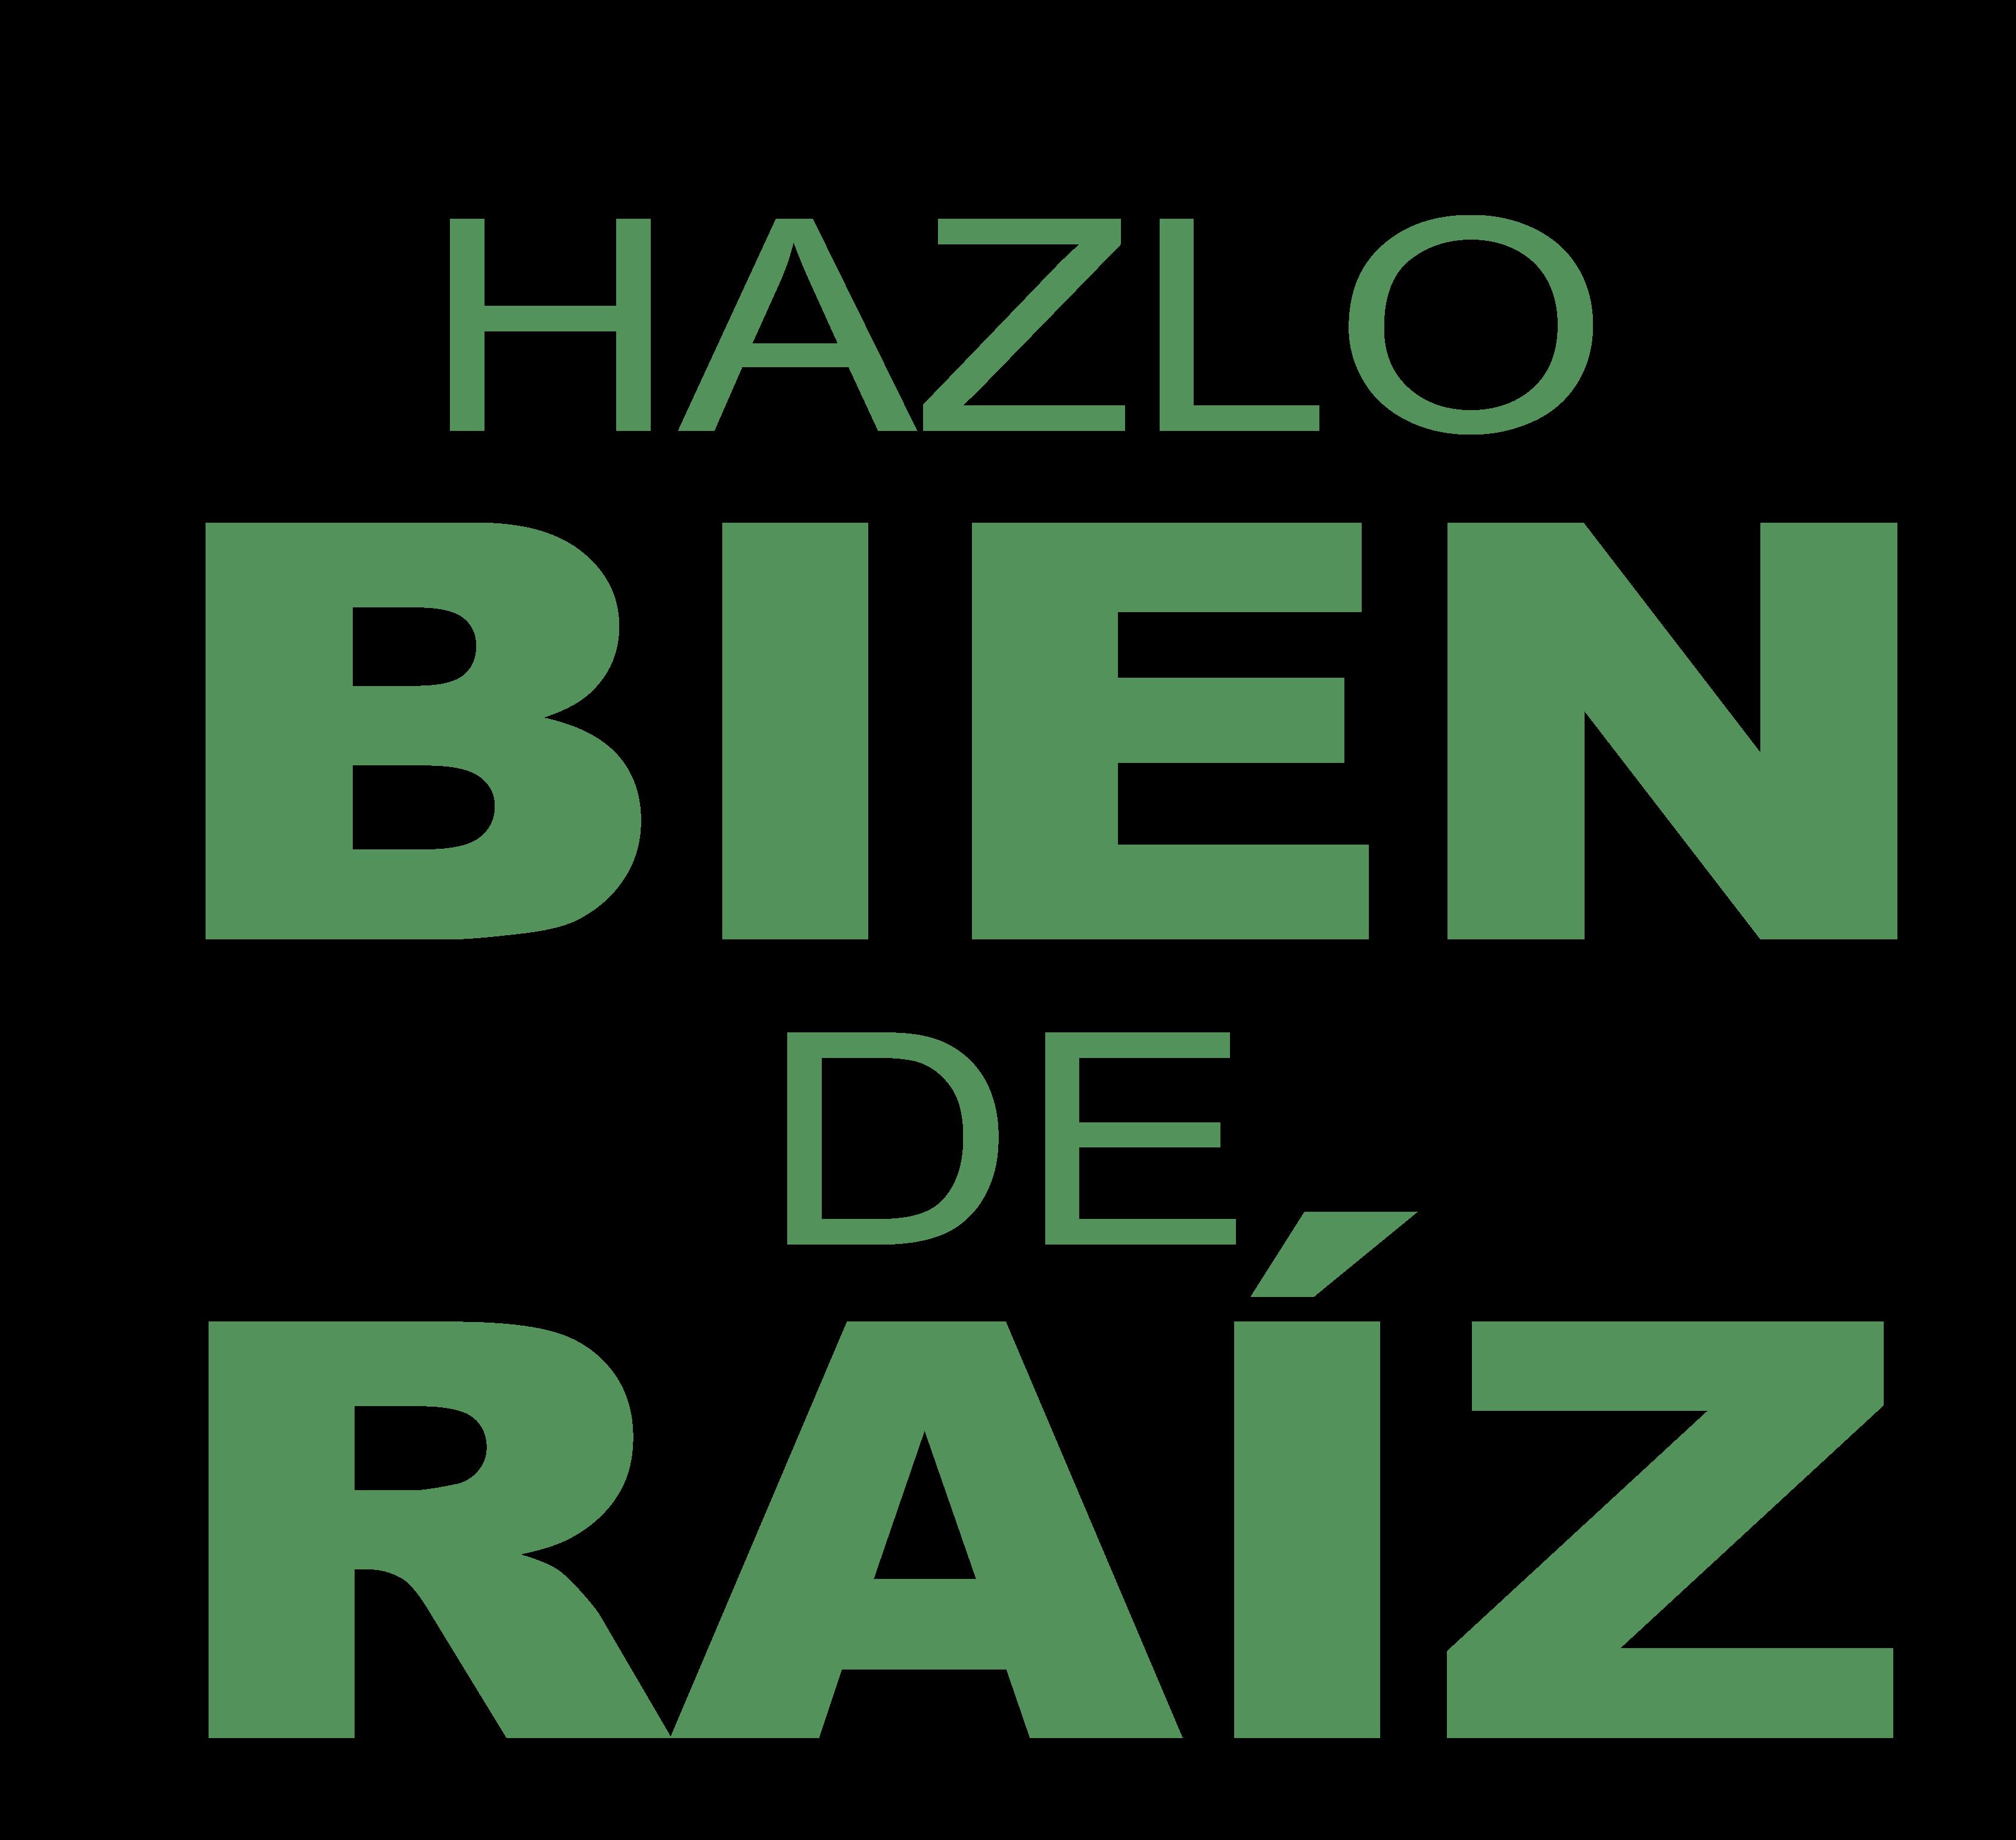 hazlo_verde.png